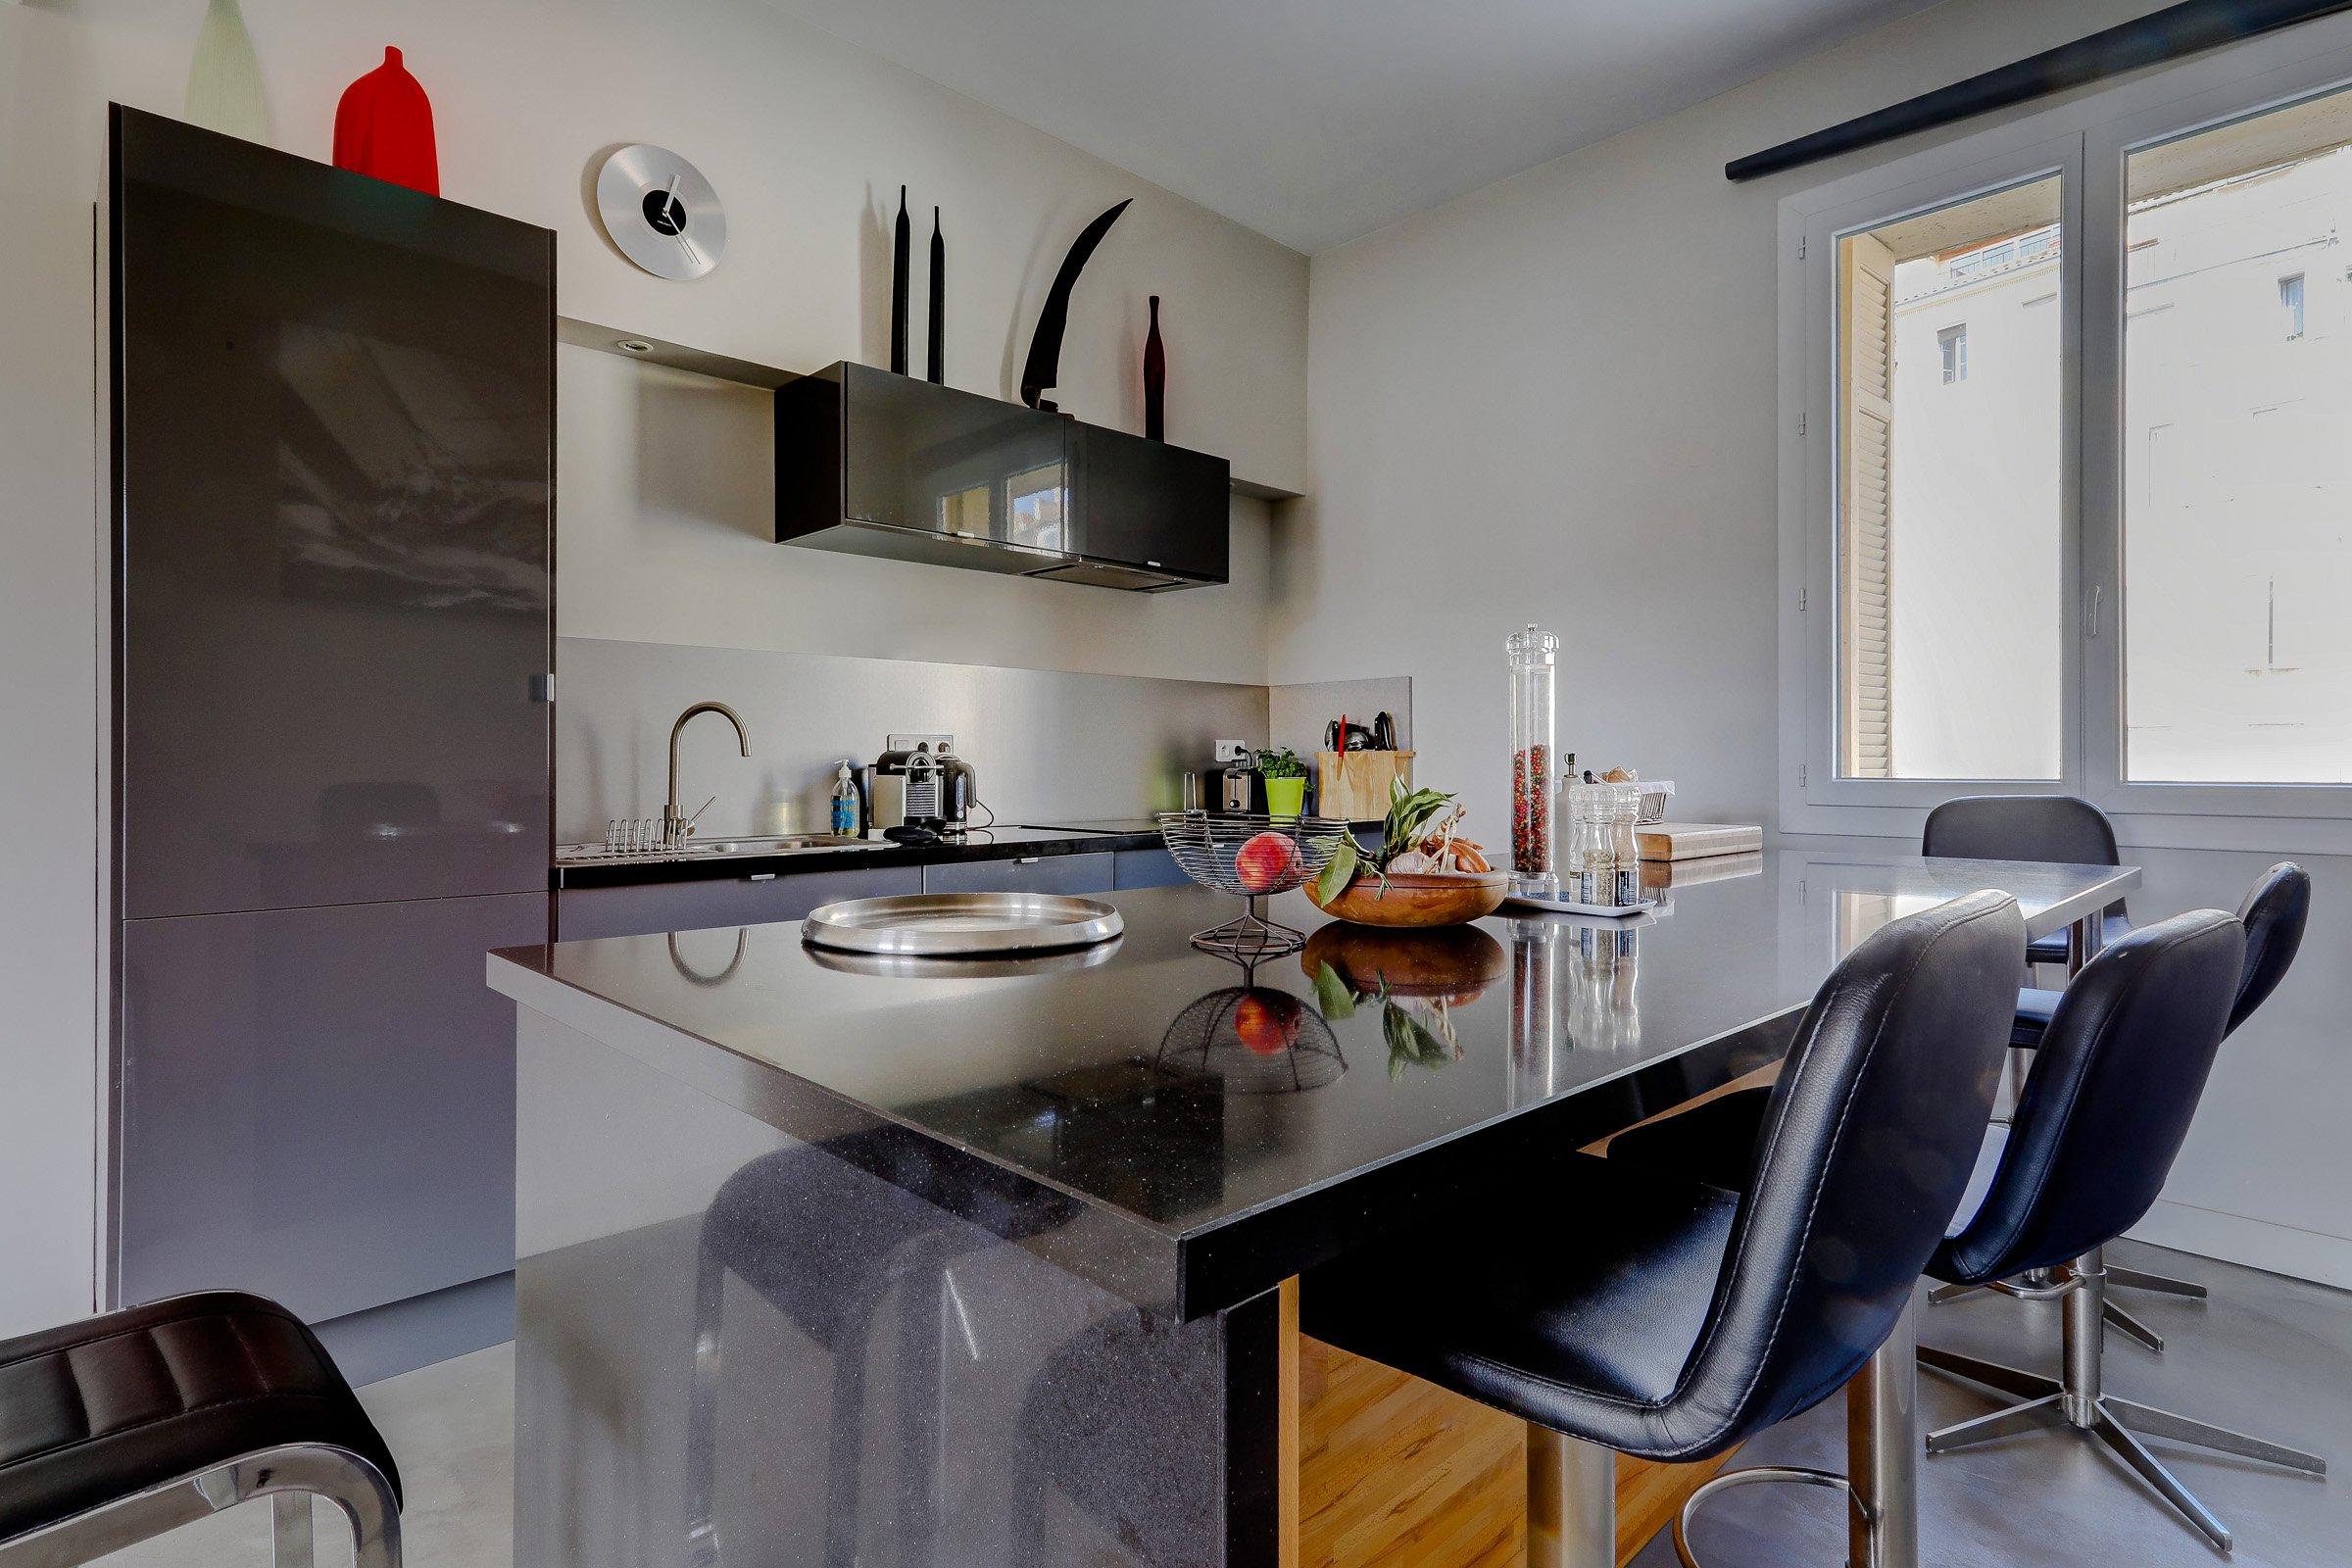 cuisineamericaine2_terrassetoit_panier_vueimprenable_vieuxport_marseille_notredame_castel_pouillon